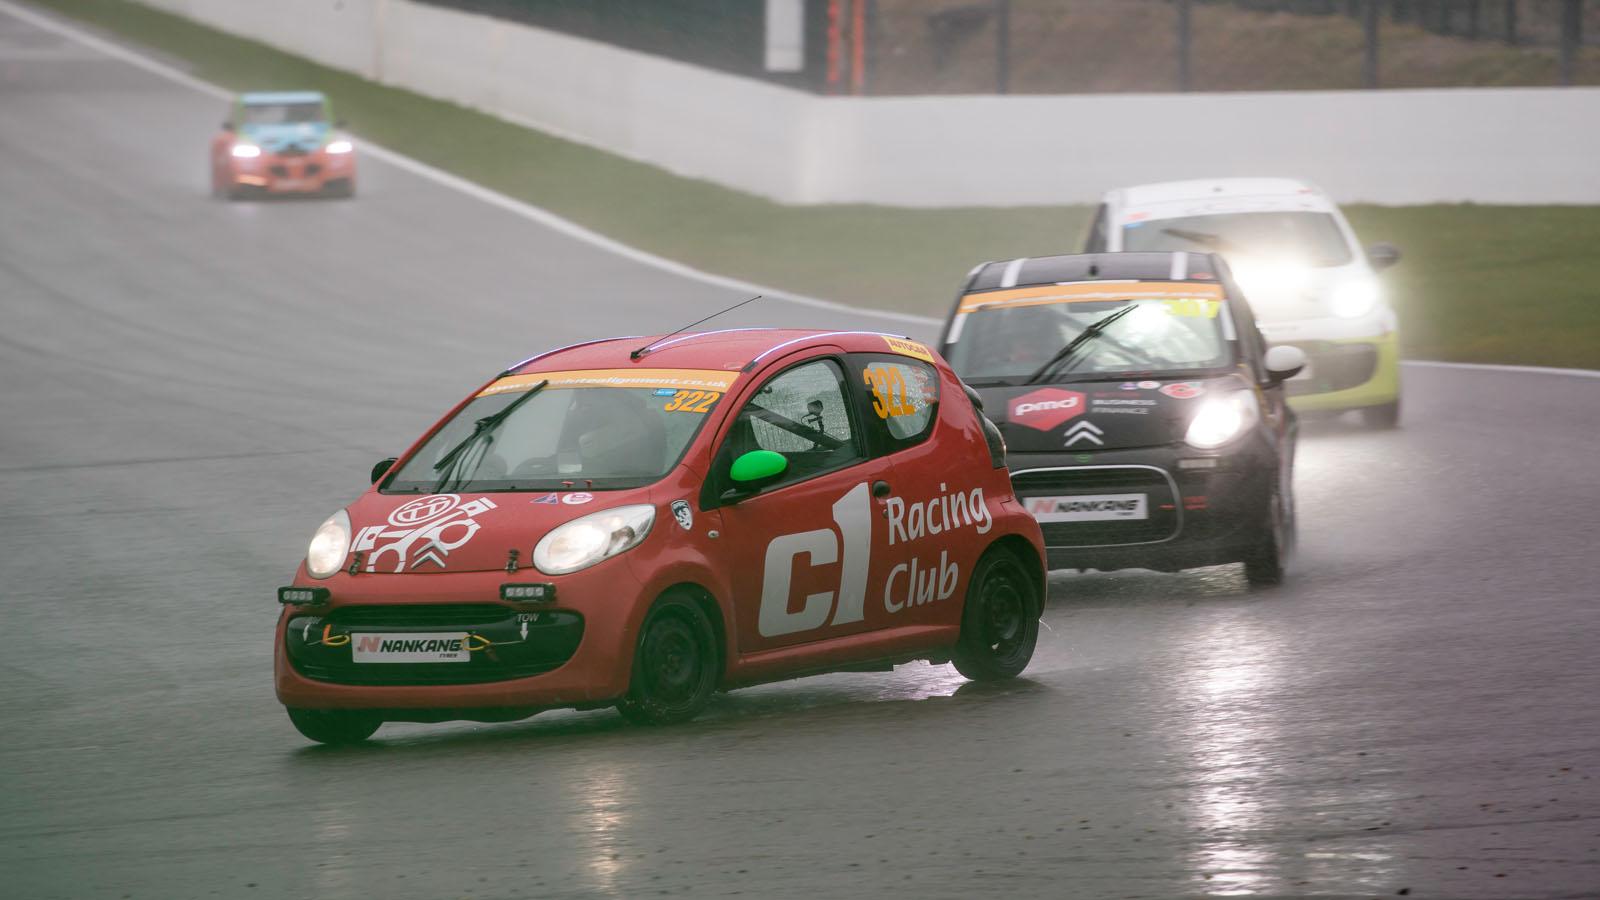 c1-racing-66 taciki.ru